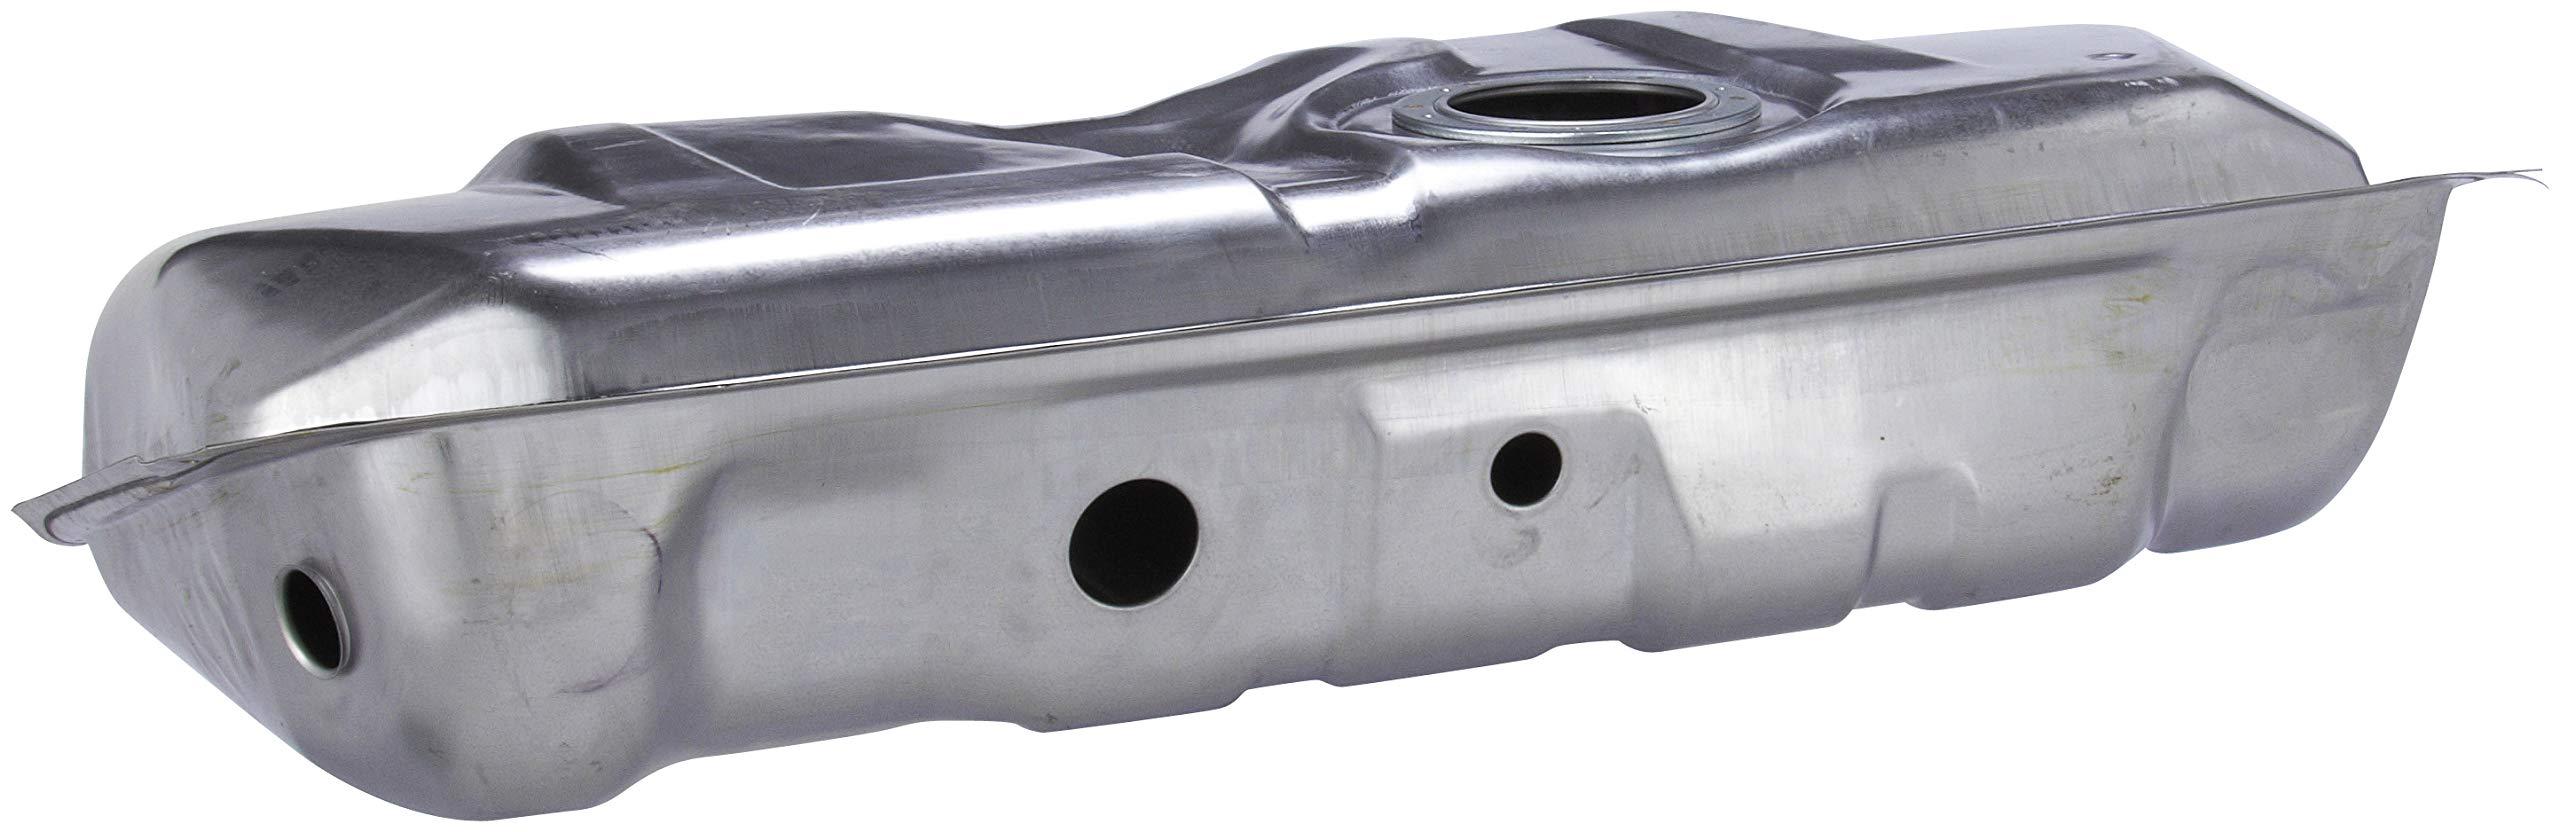 Spectra Premium F42E Fuel Tank